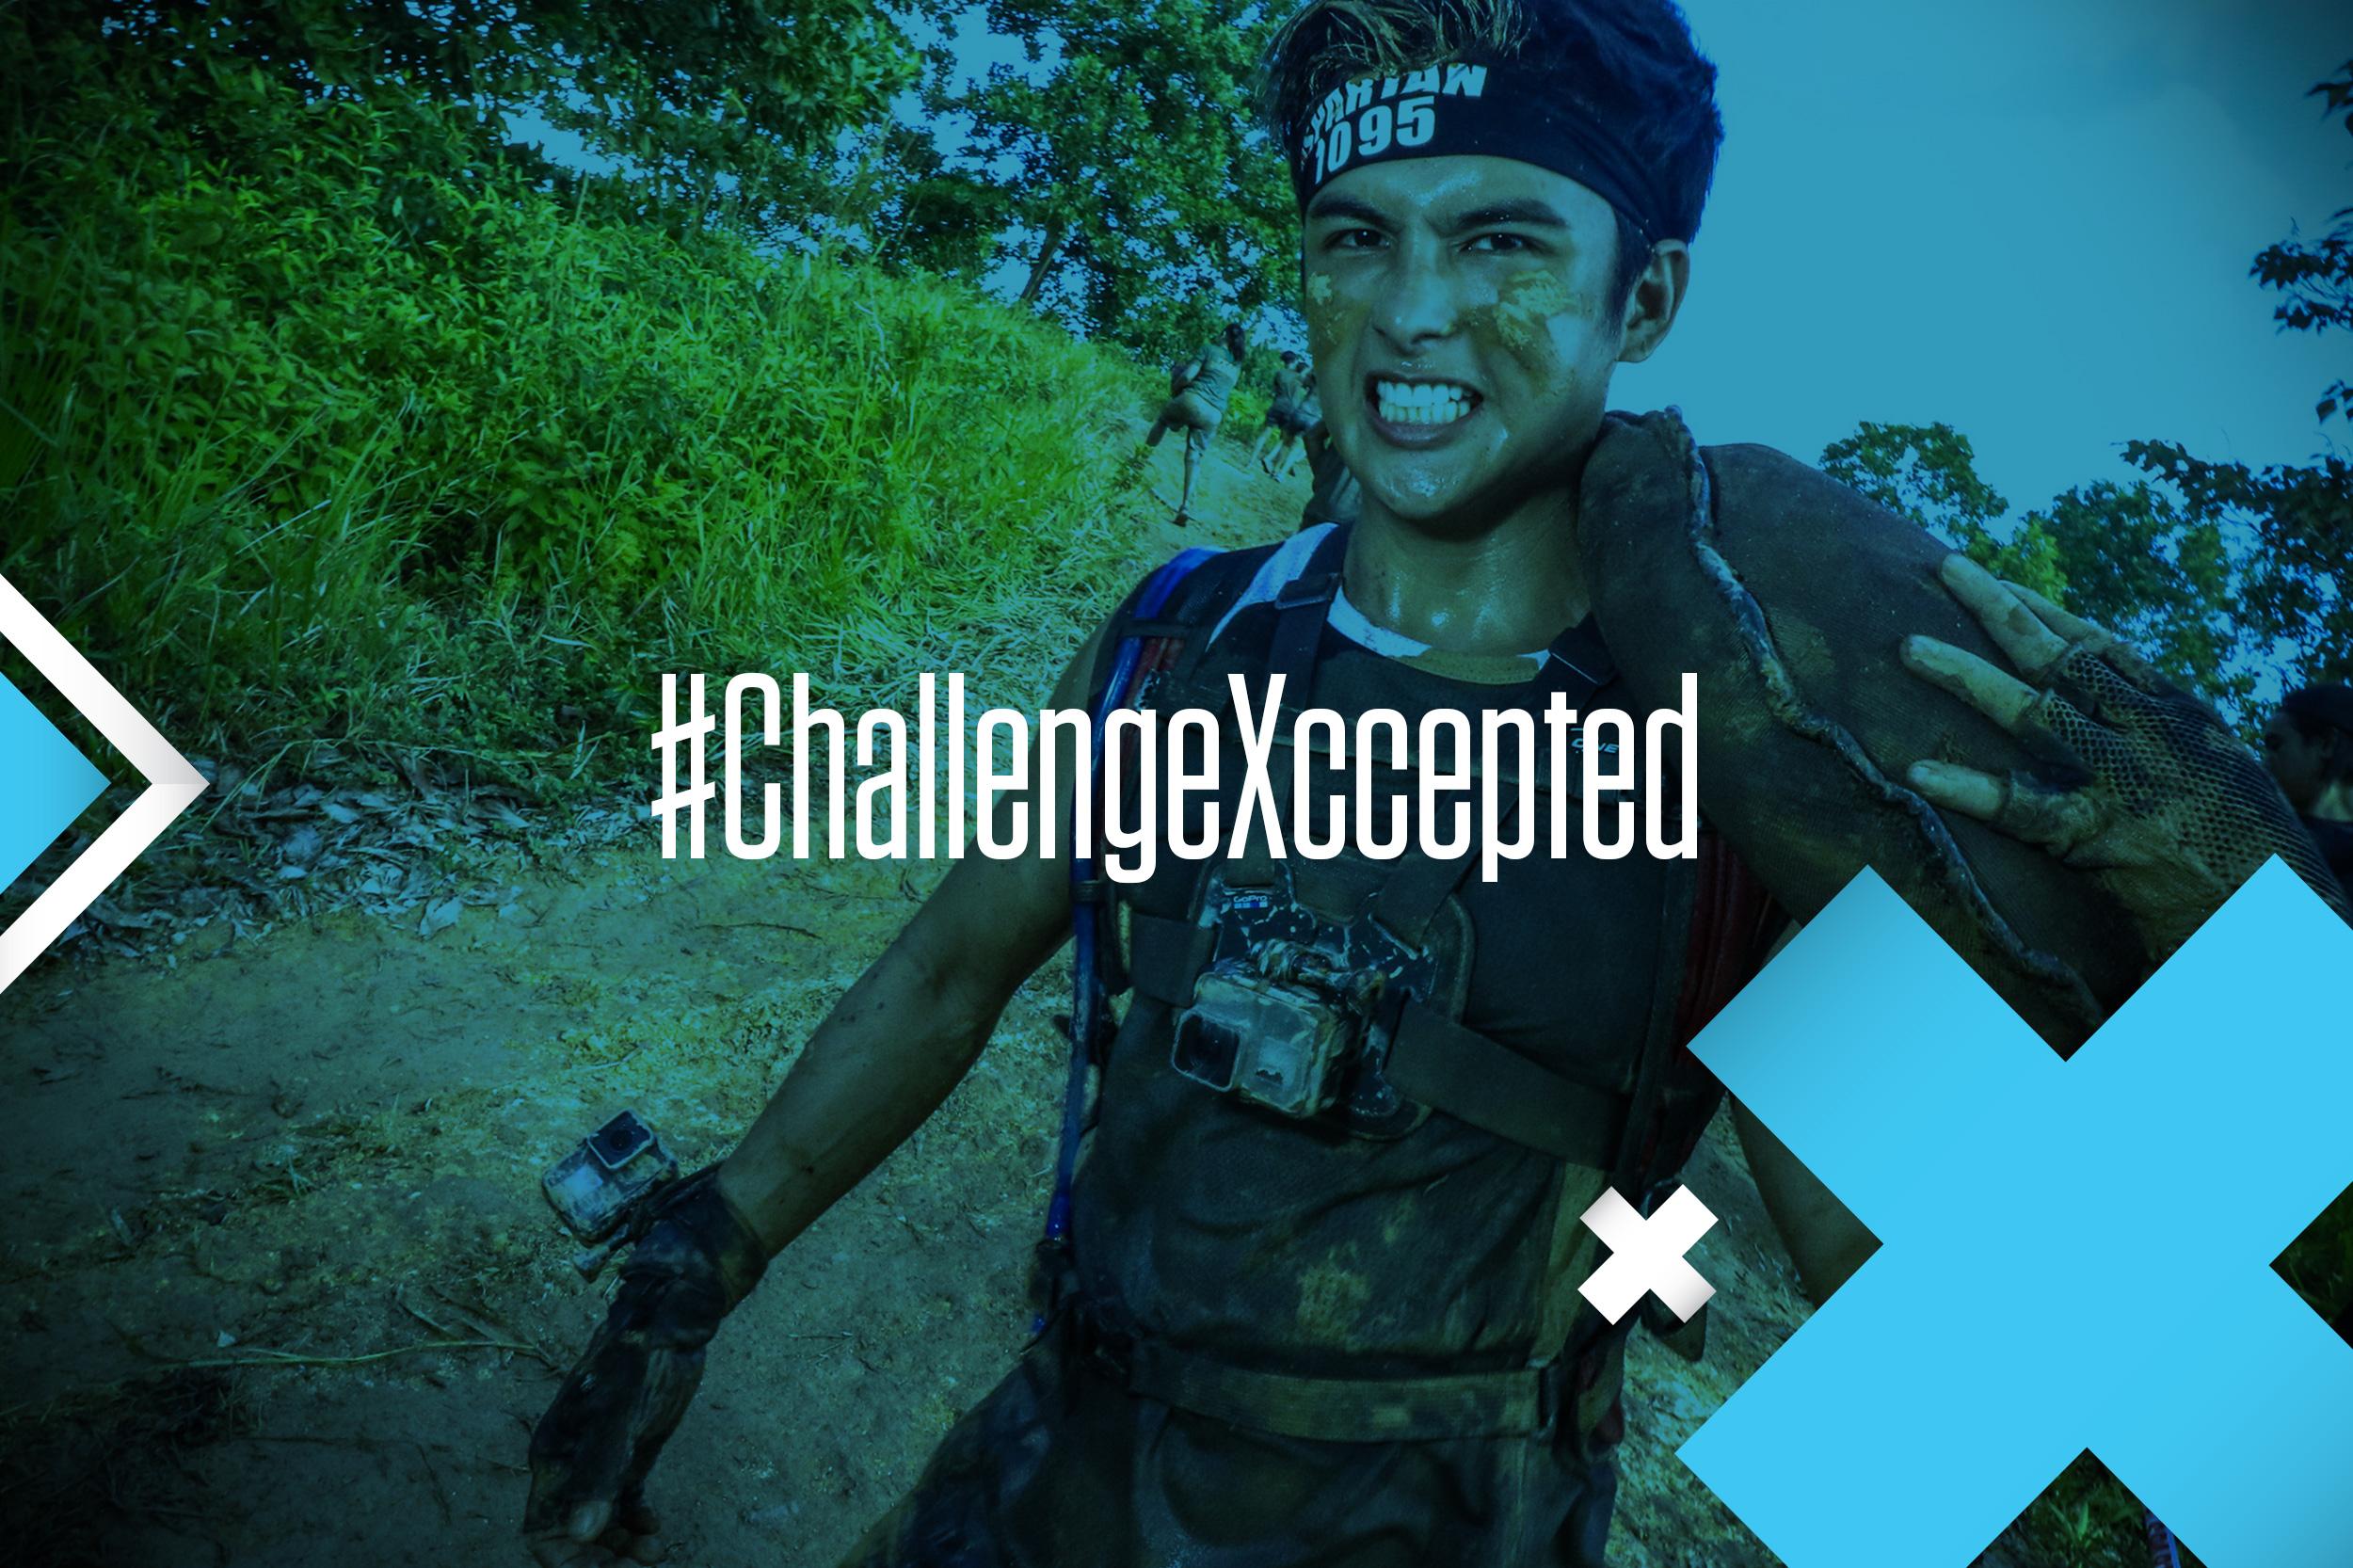 #challengexccepted-hero.jpg